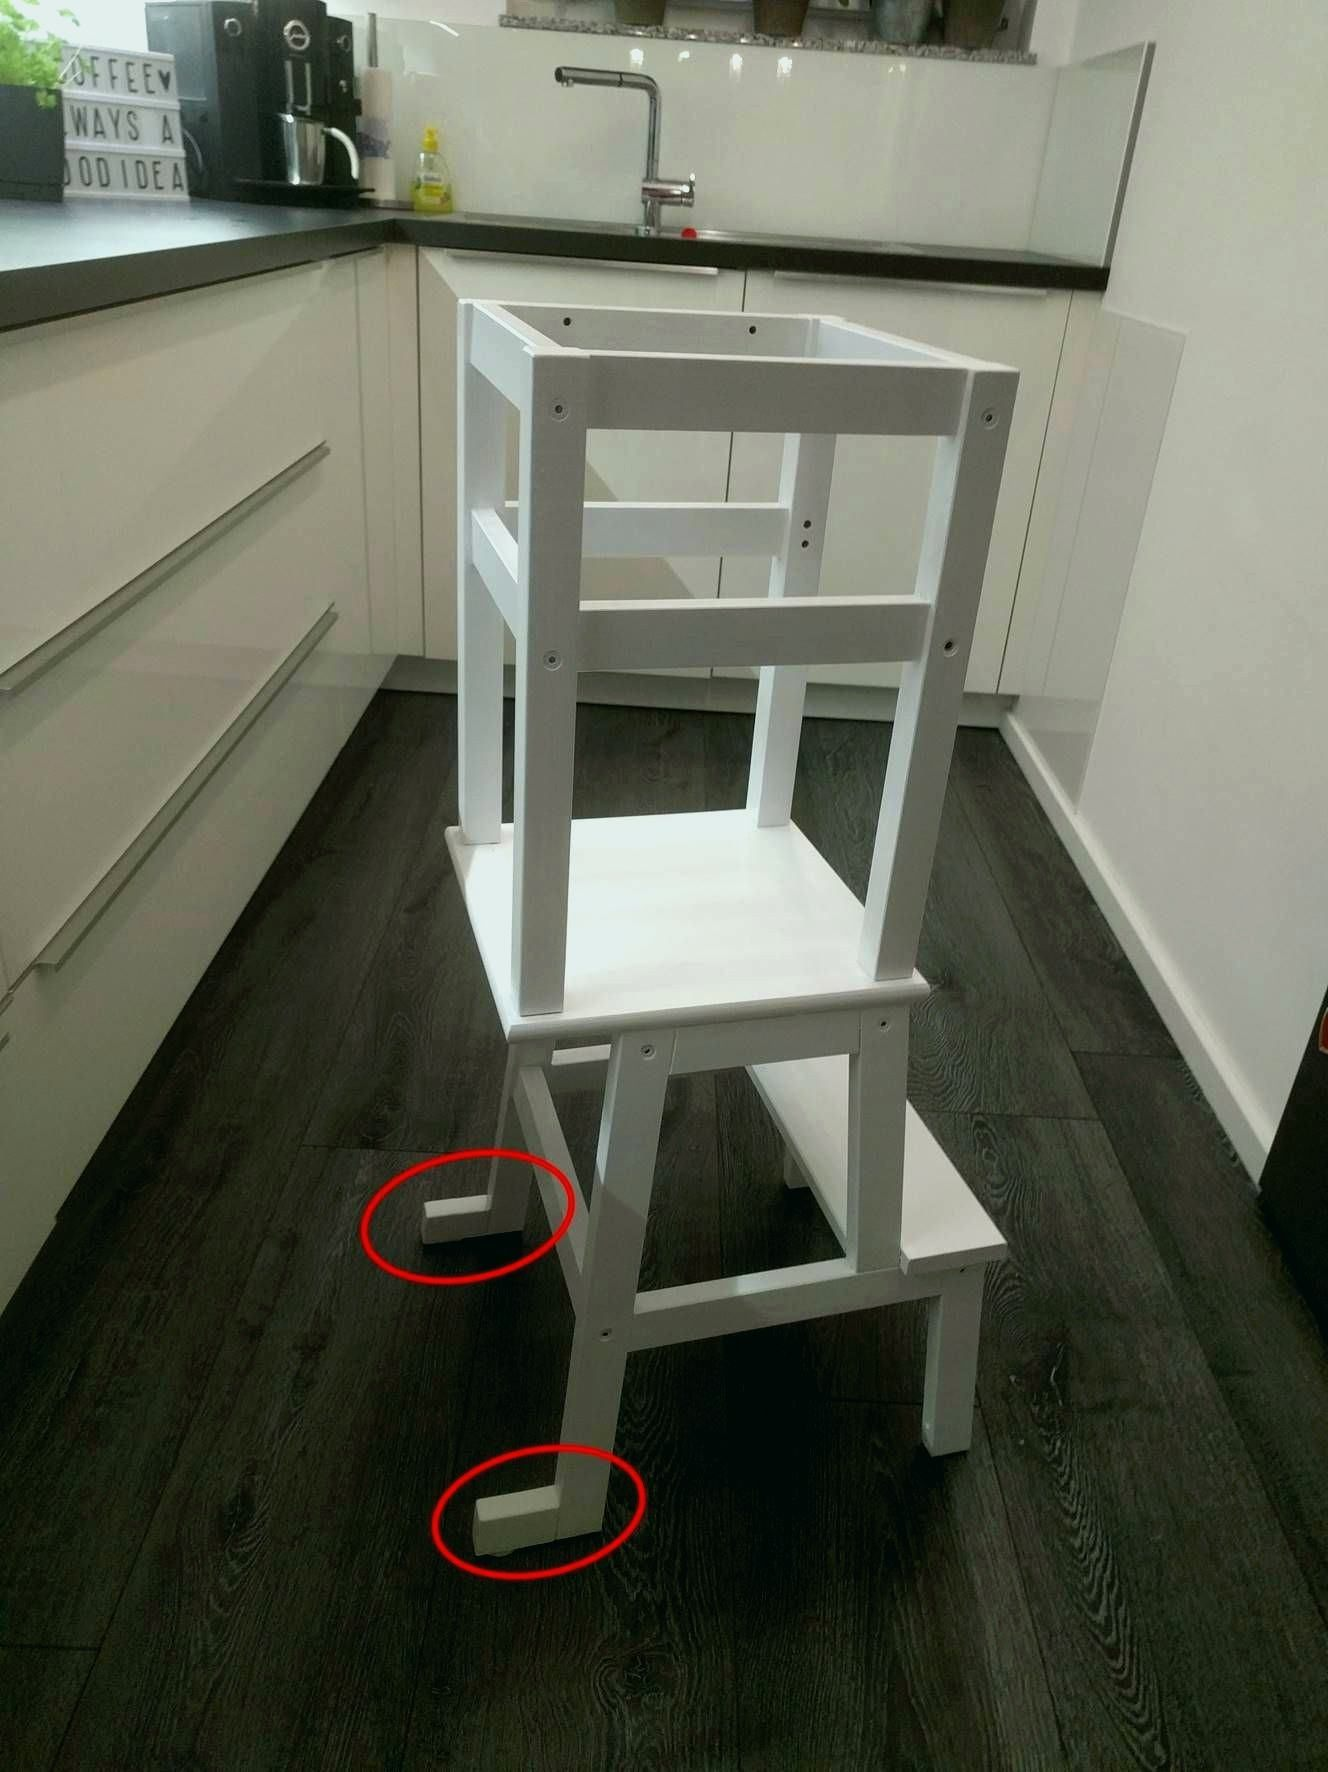 Ikea Lit Cabane Unique Cuisine Dan Maison Intérieur – Intérieur et